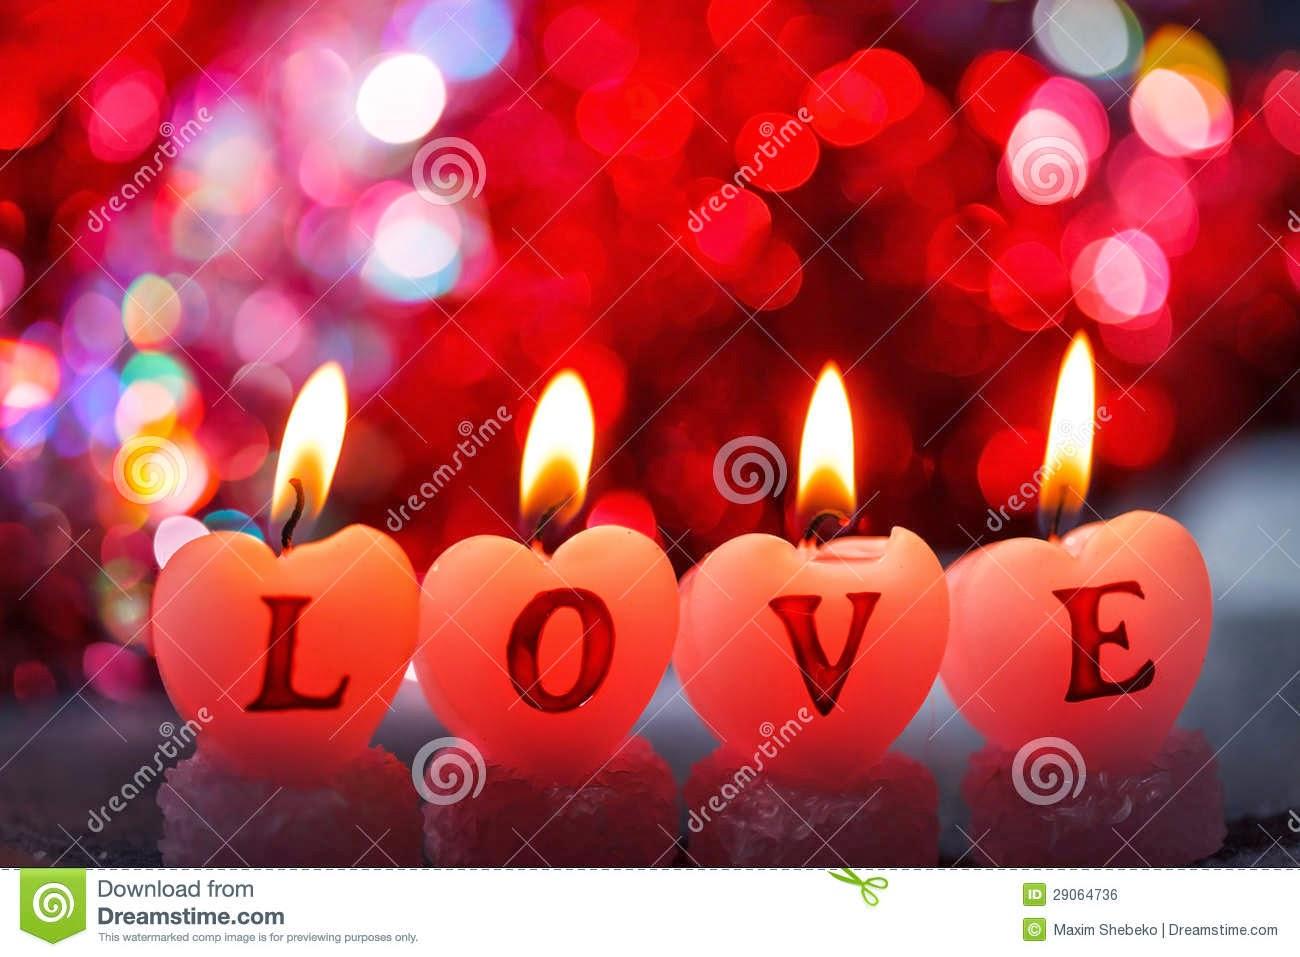 imagenes de amor con mensajes lindos para descargar - imagenes hermosas gratis